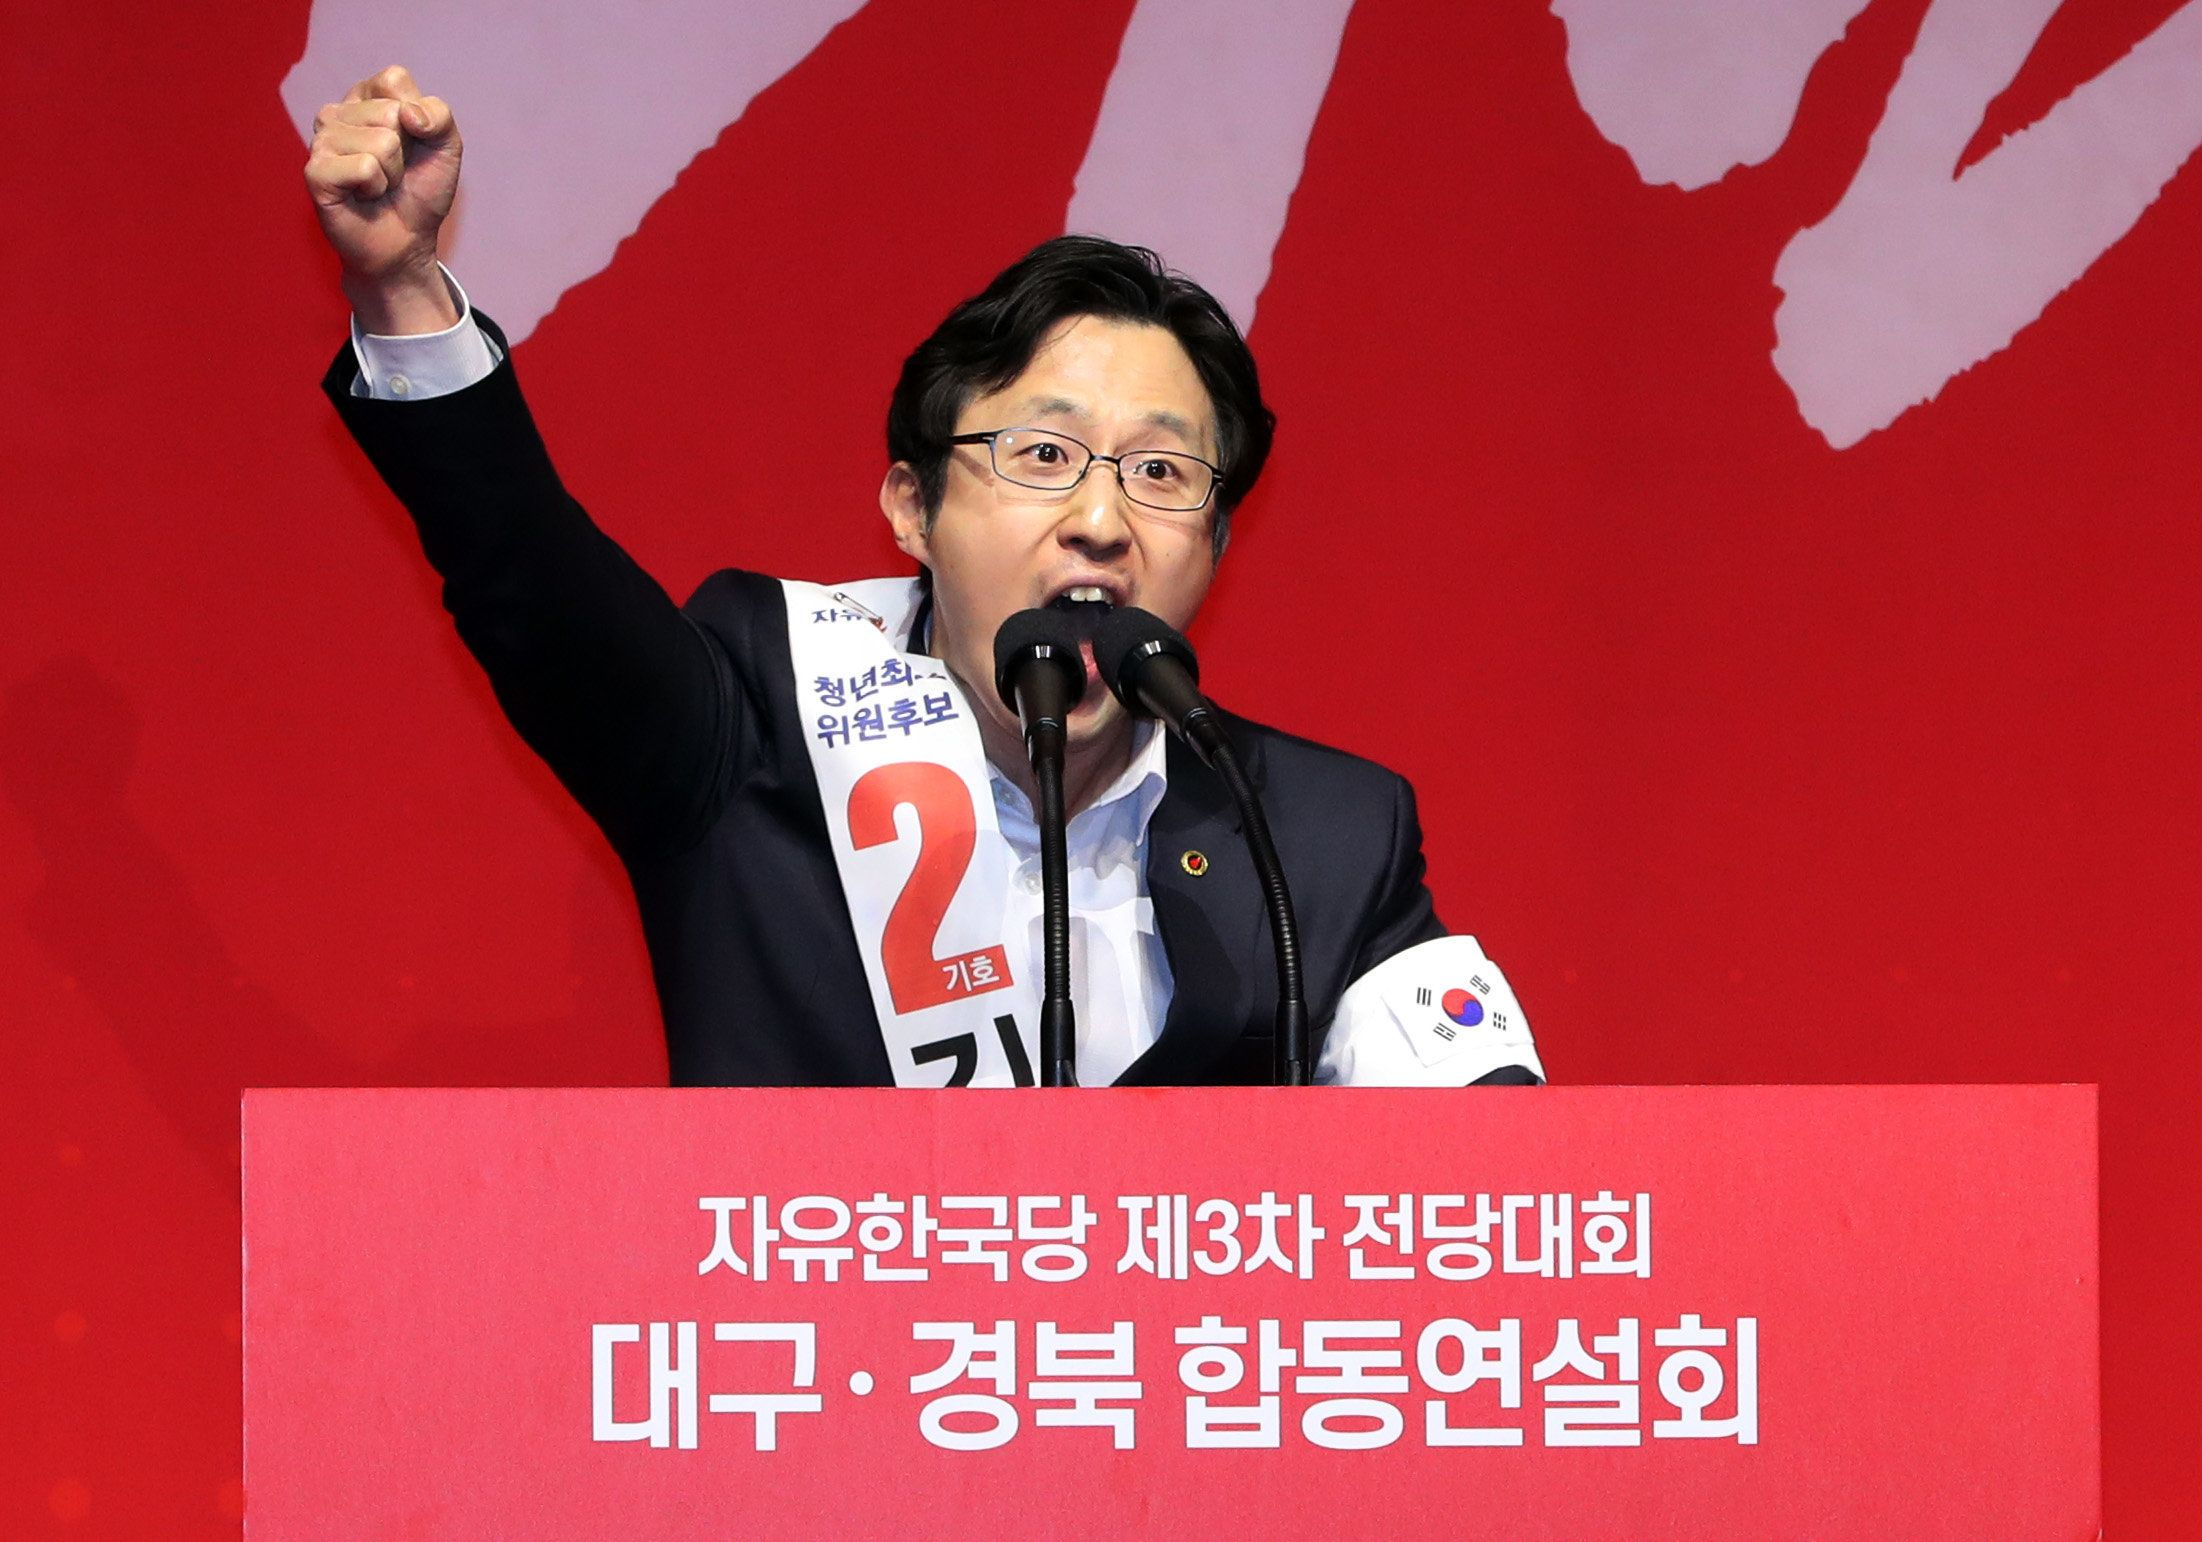 김준교 자유한국당 최고위원 후보가 문재인 대통령에 대한 막말을